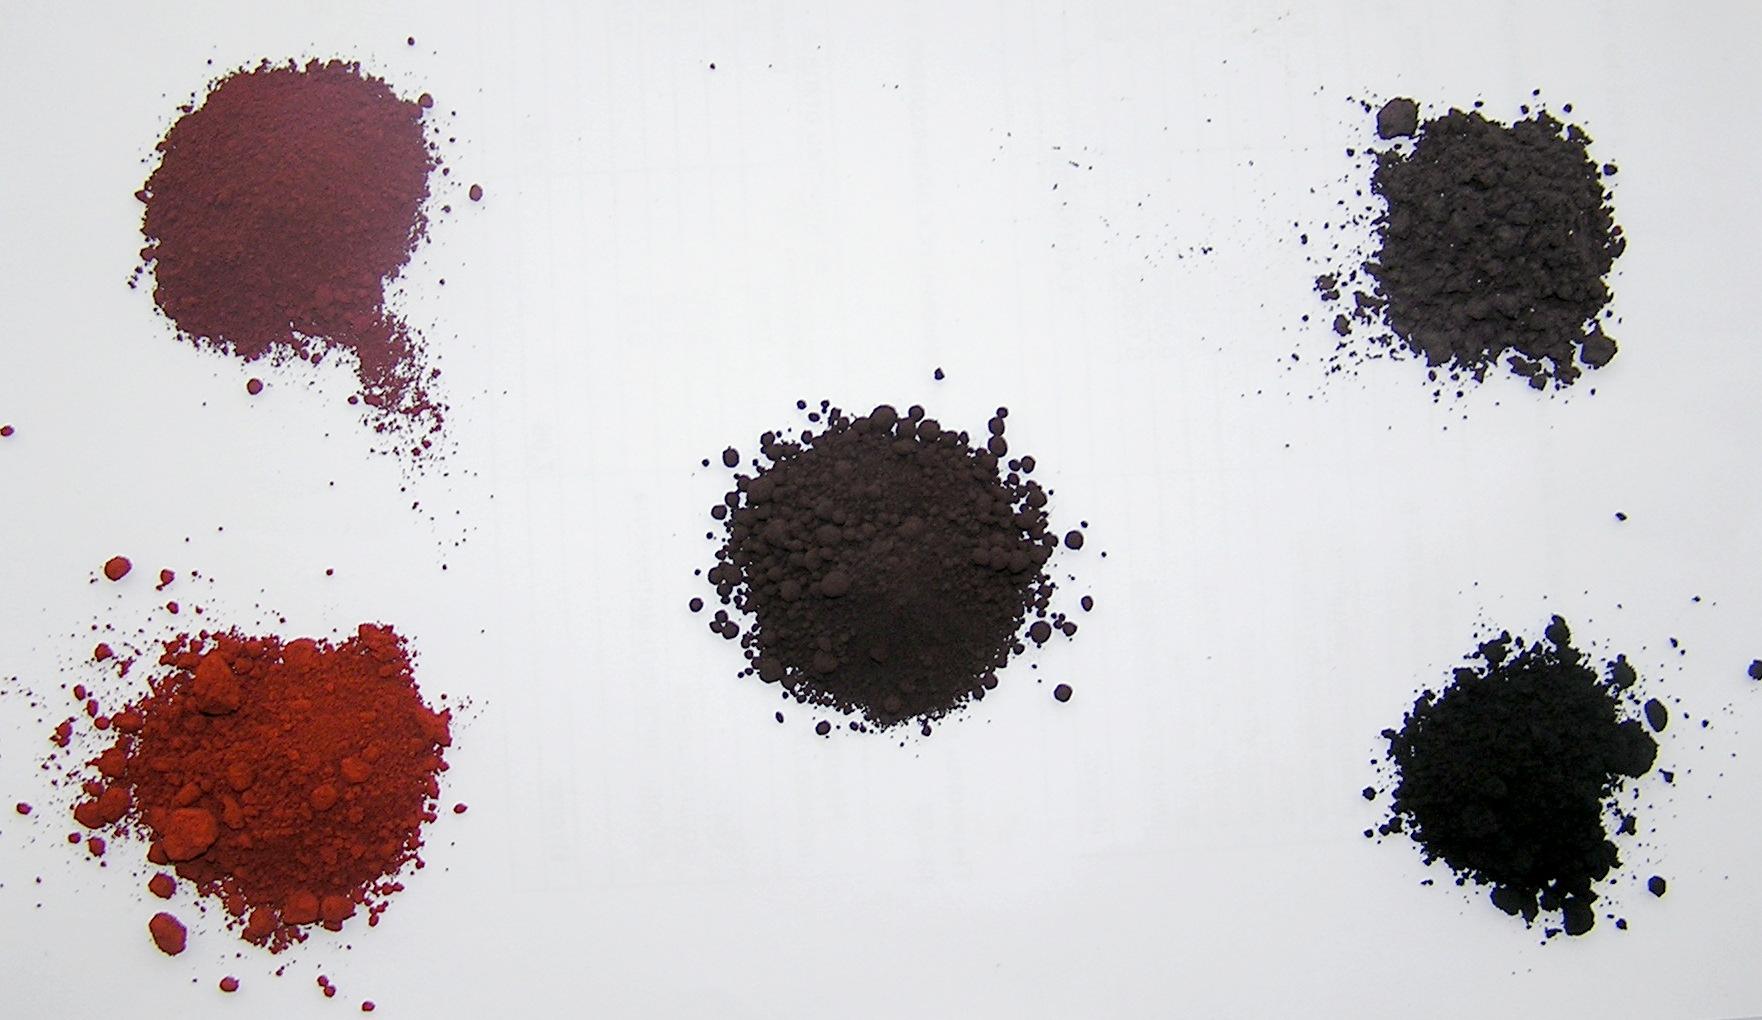 Слева снизу по часовой стрелке: пигмент английская красная (Fe2O3); оксид железа (III), полученный из гидроокиси прокаливанием при 550°C; оксид железа (III), прокаленный при 800°С; пигмент черный железоокисный (Fe3O4); в центре - гидроокись железа Fe2O3·nH2O